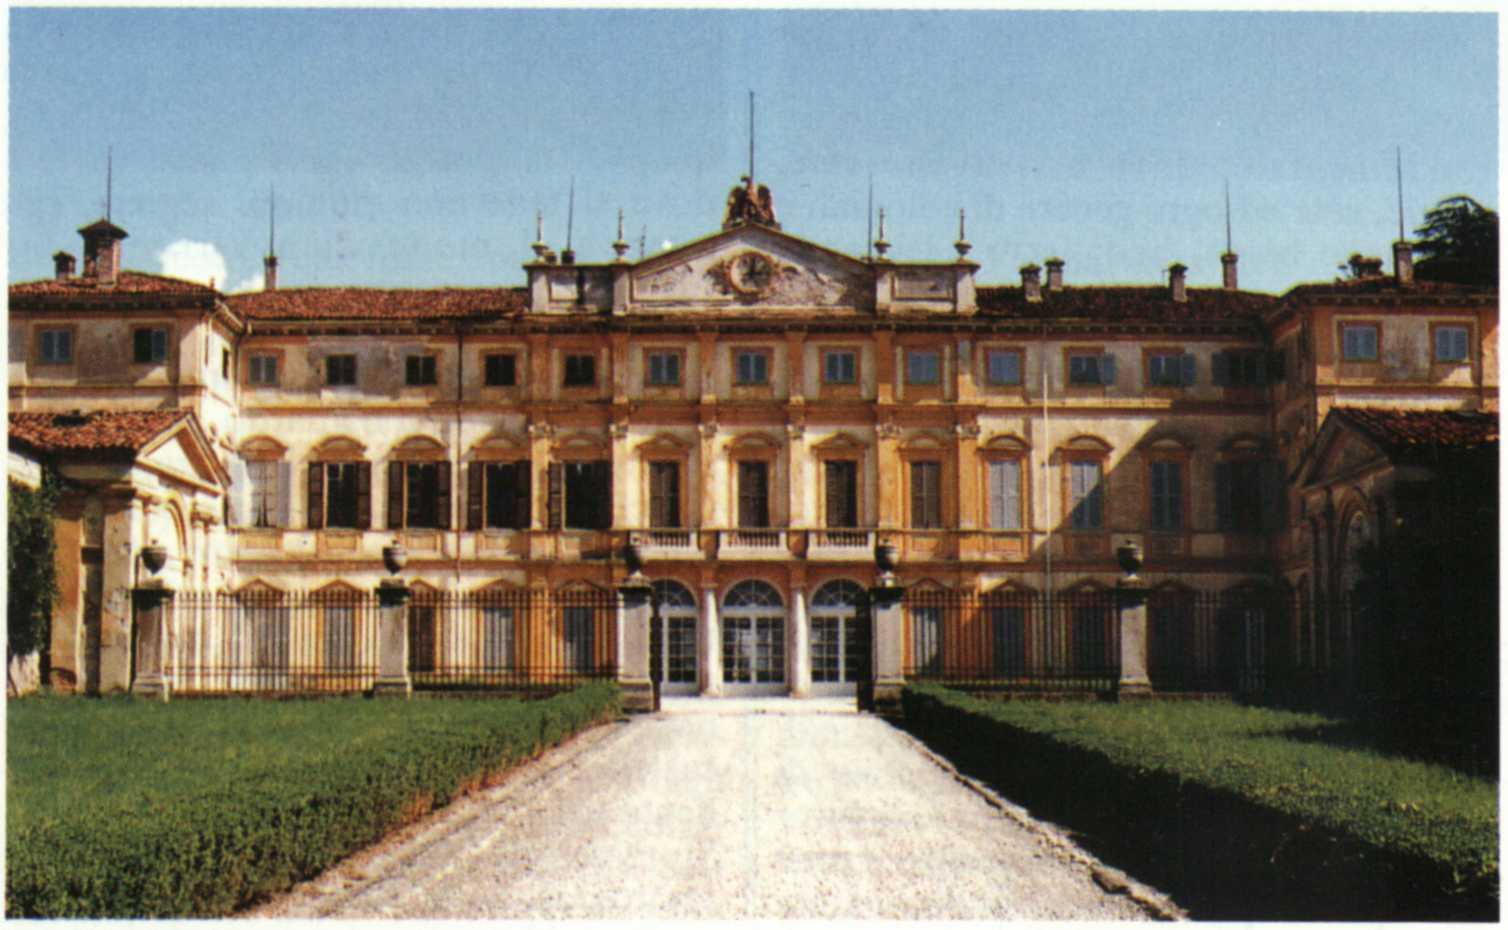 Timpani Villa Reale Monza Timpani